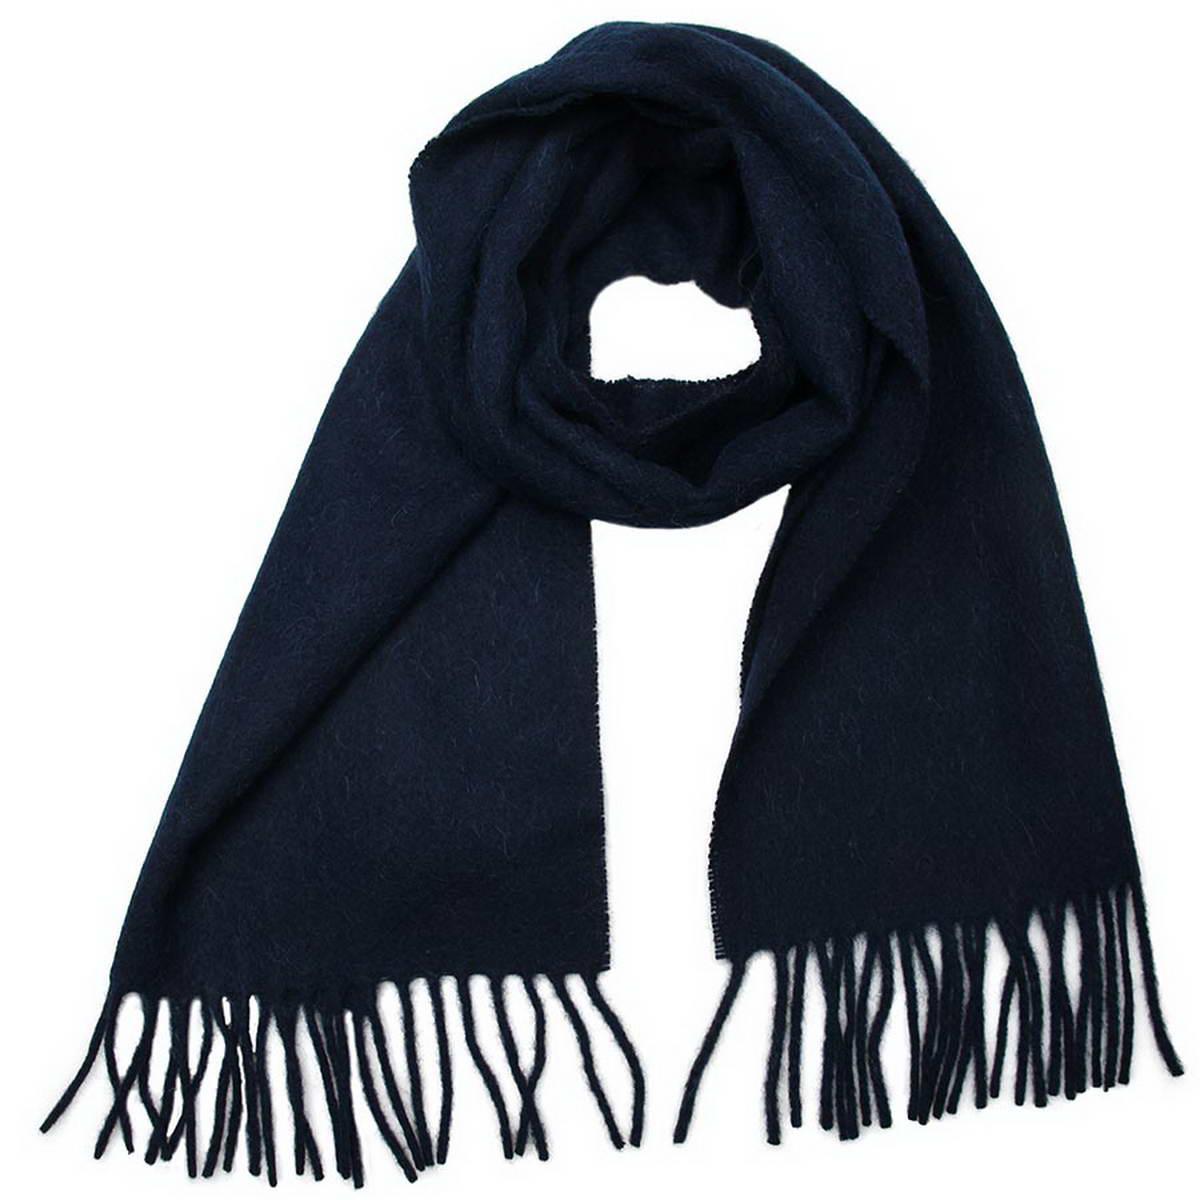 Шарф мужской. 50022325002232-1Элегантный мужской шарф Venera согреет вас в холодное время года, а также станет изысканным аксессуаром, который призван подчеркнуть ваш стиль и индивидуальность. Оригинальный теплый шарф выполнен из высококачественной шерстяной пряжи. Однотонный шарф дополнен бахромой в виде жгутиков по краю. Такой шарф станет превосходным дополнением к любому наряду, защитит вас от ветра и холода и позволит вам создать свой неповторимый стиль.